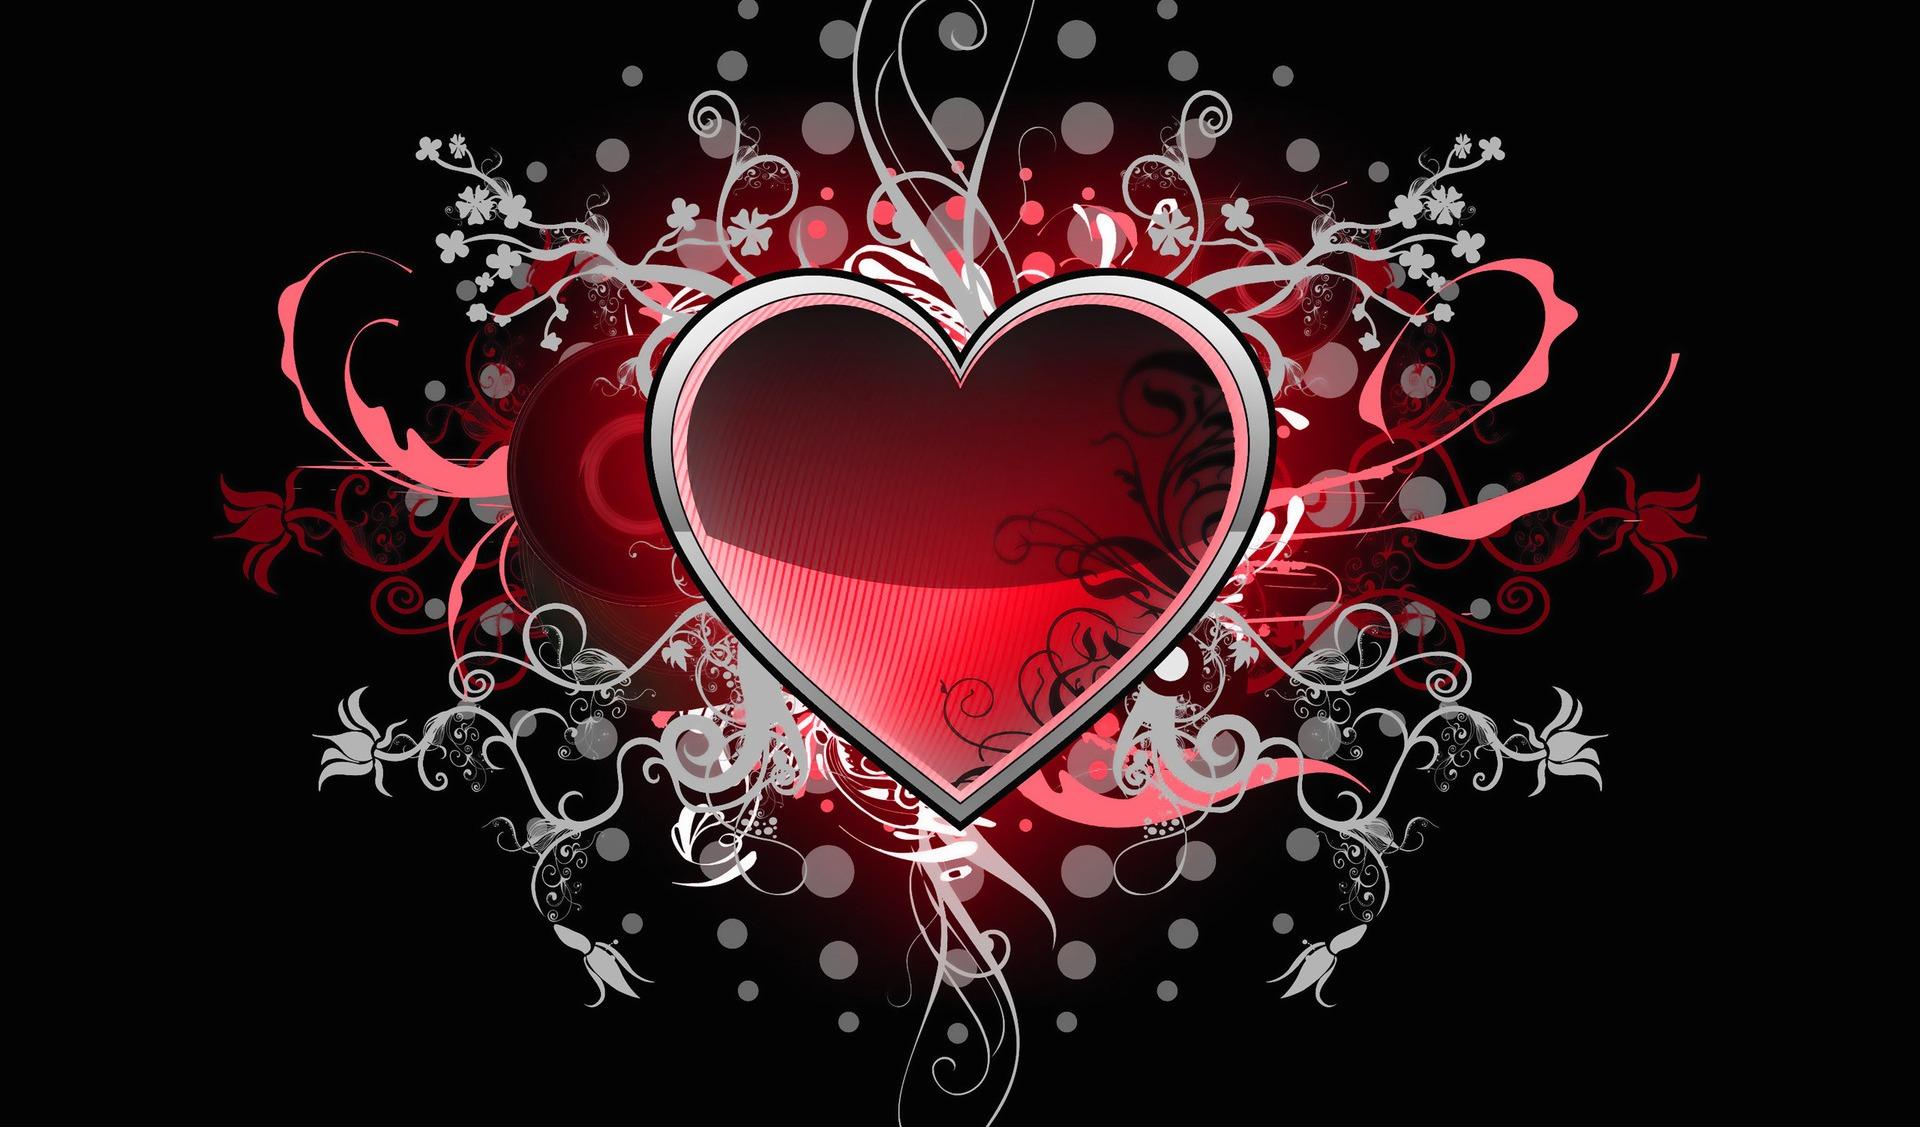 Valentine Day 2013 ImageBankbiz 1920x1127